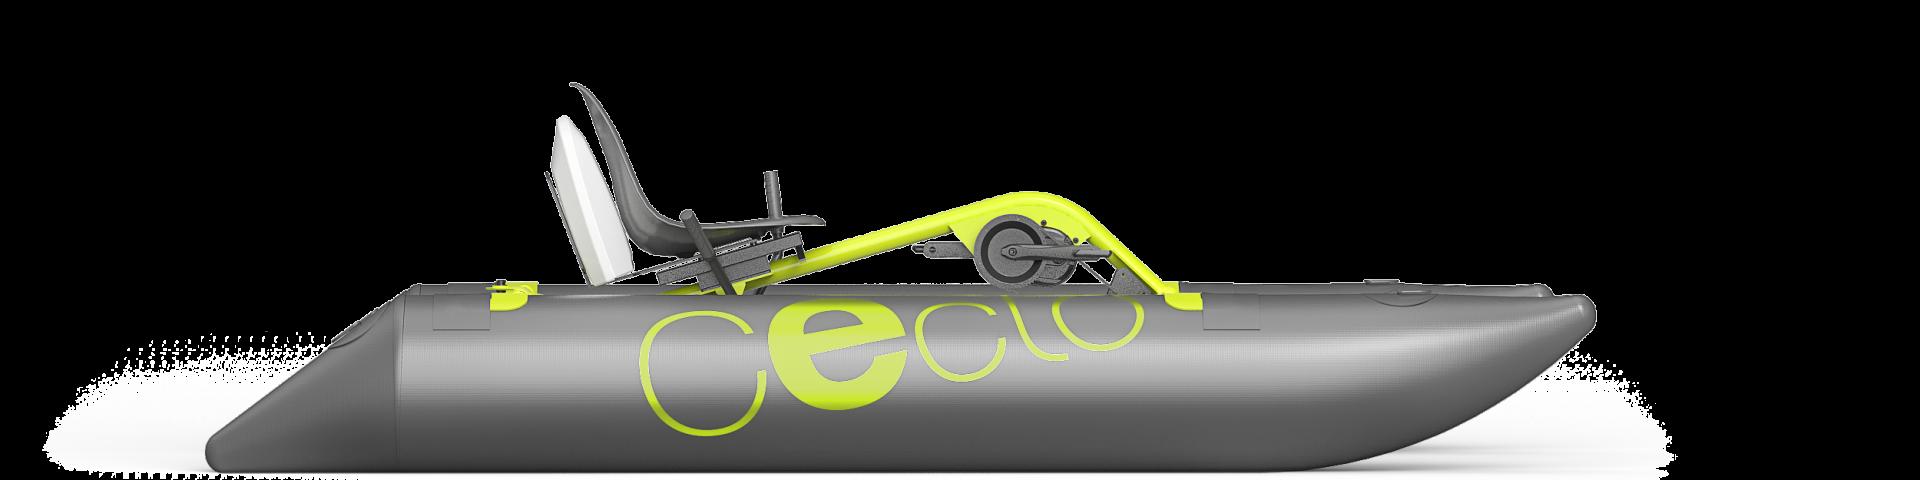 le pédalo design ceclo fun x2 vue latérale